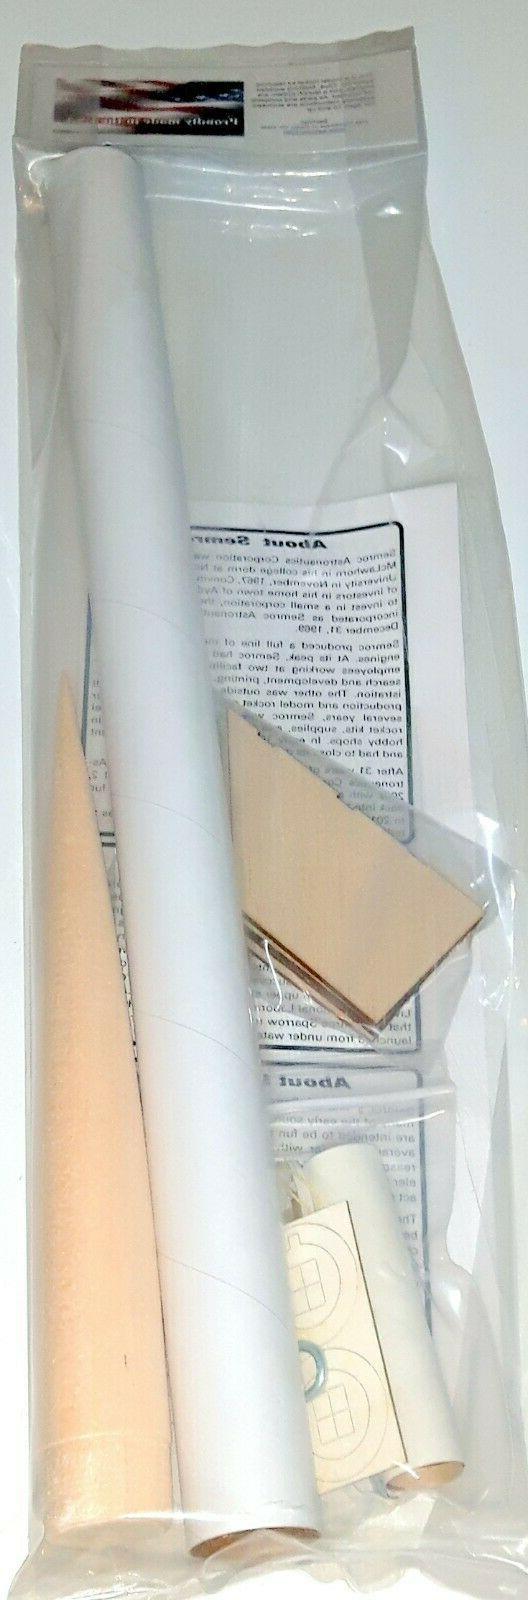 SEMROC Model Rocket - - Skill